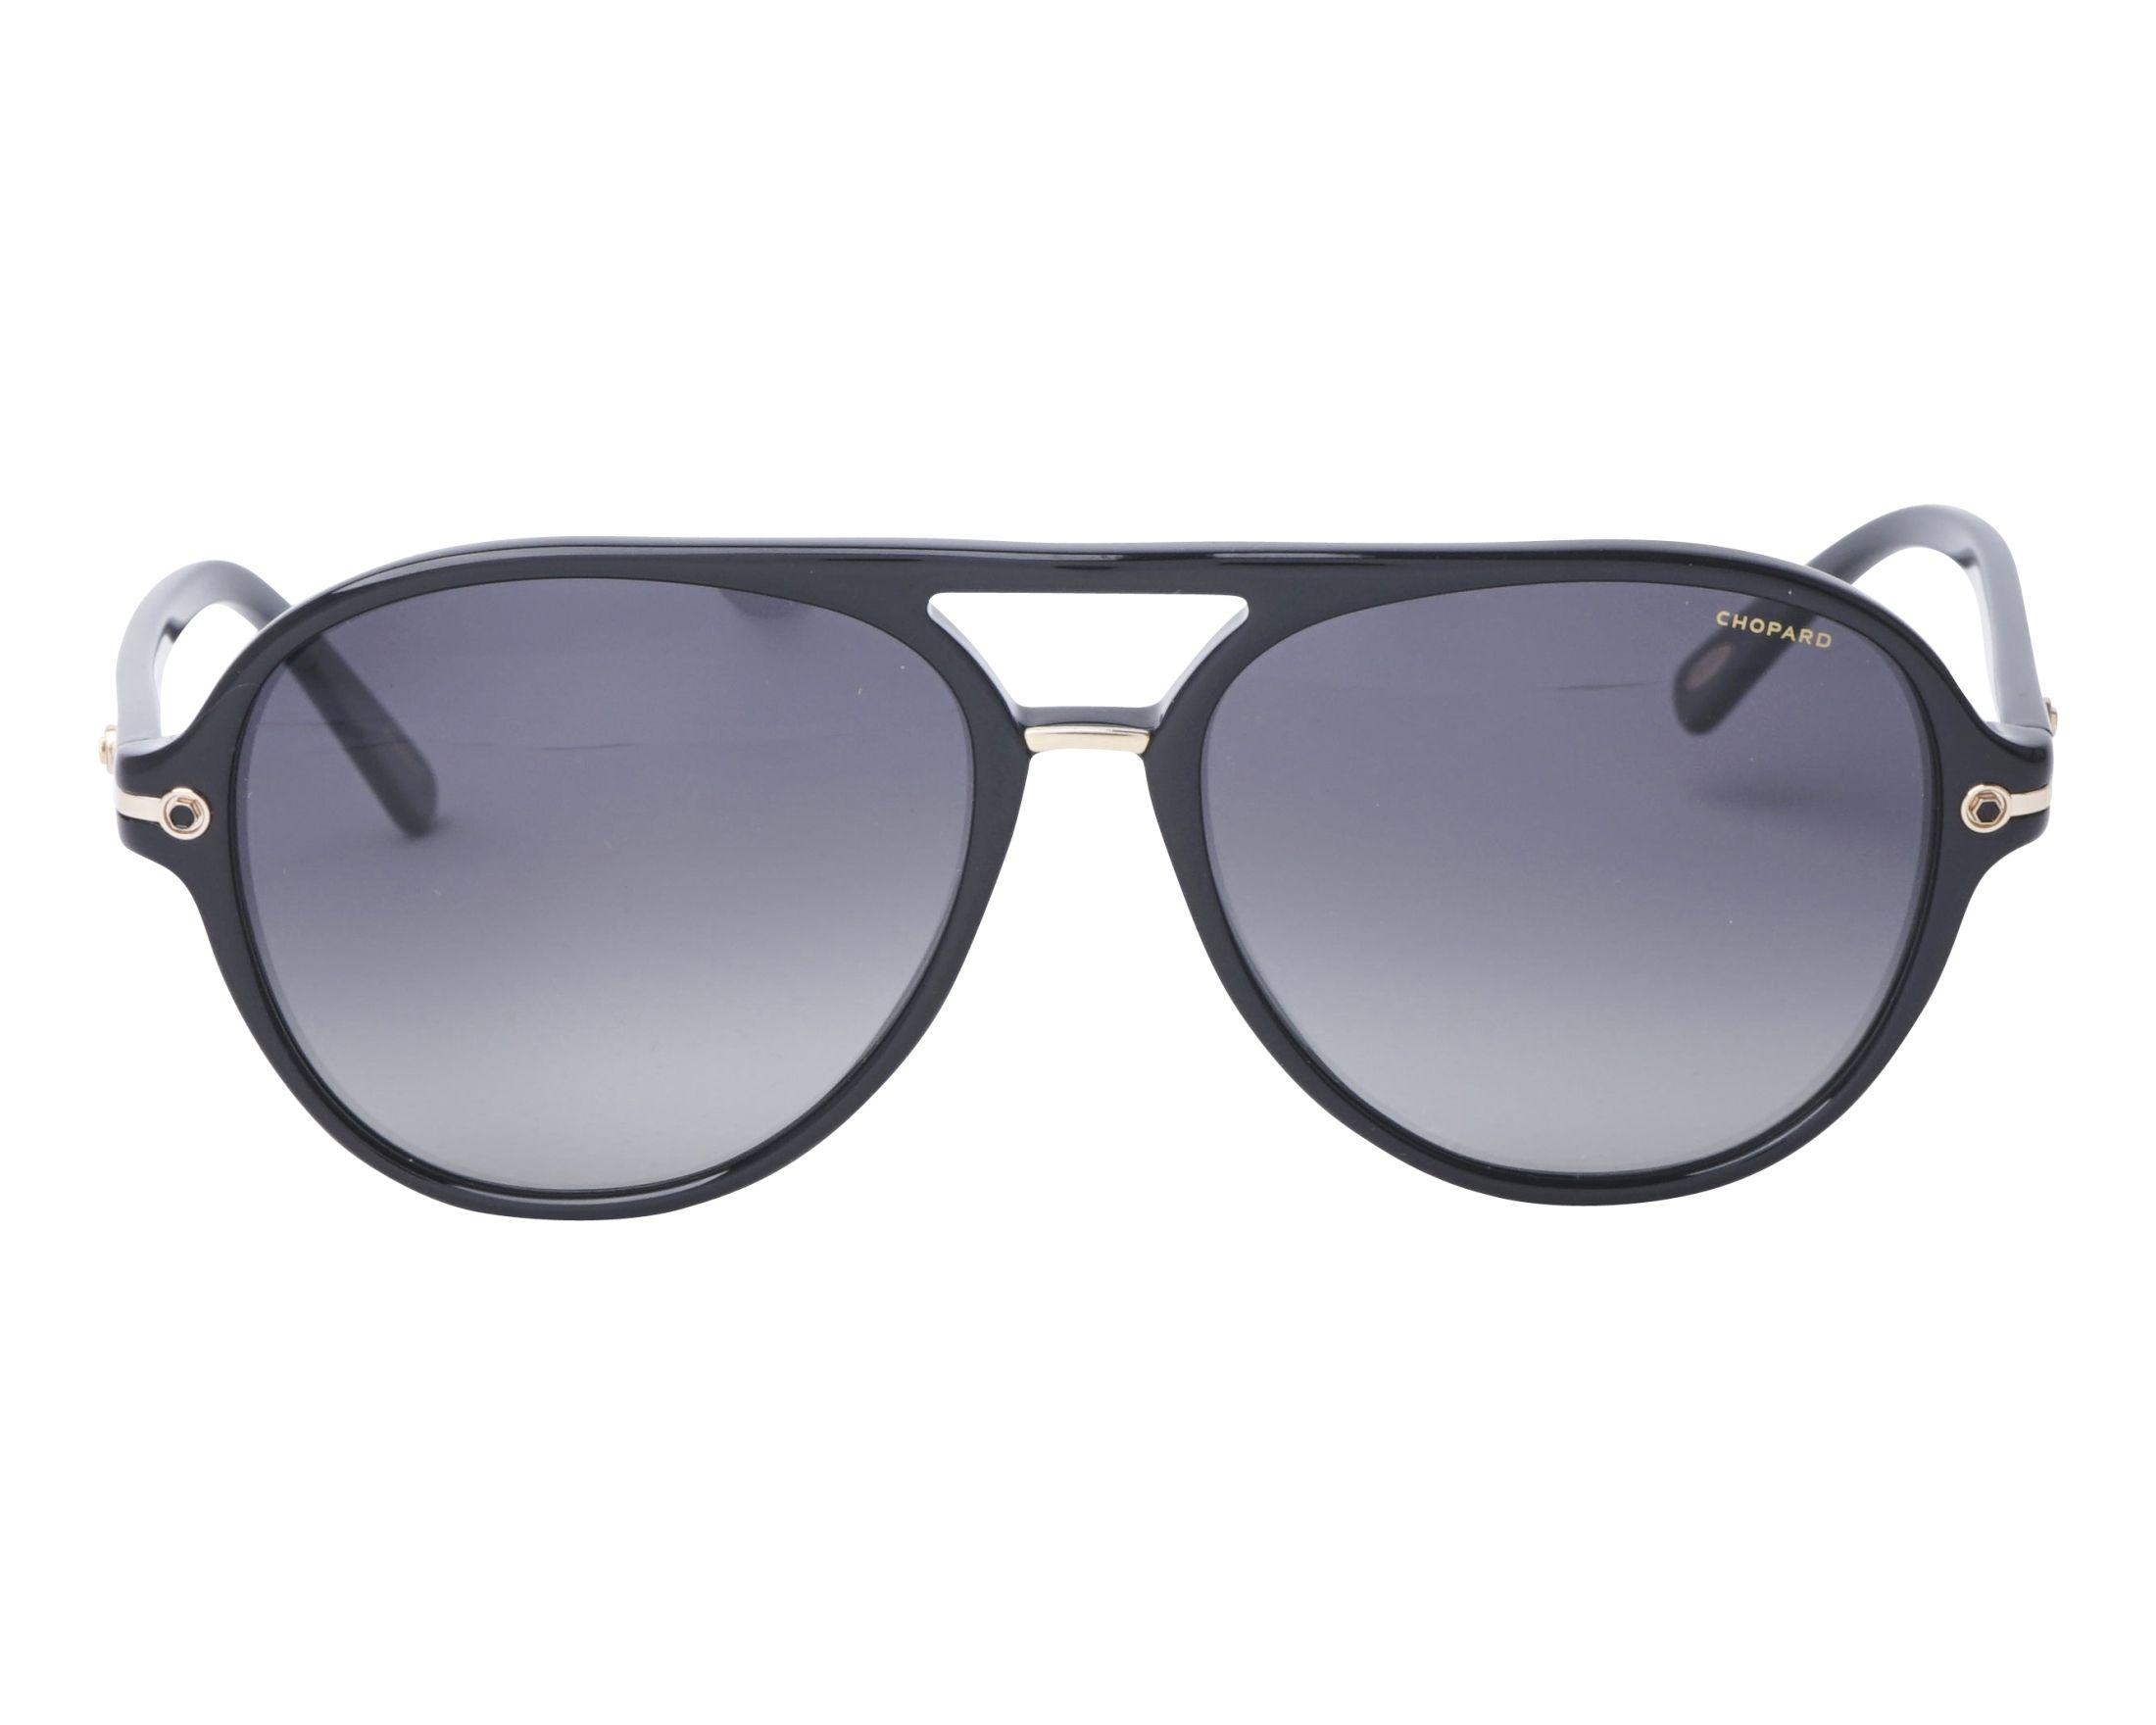 6c4581028e Gafas de sol Chopard SCH-193 700P 58-16 Negra vista de frente